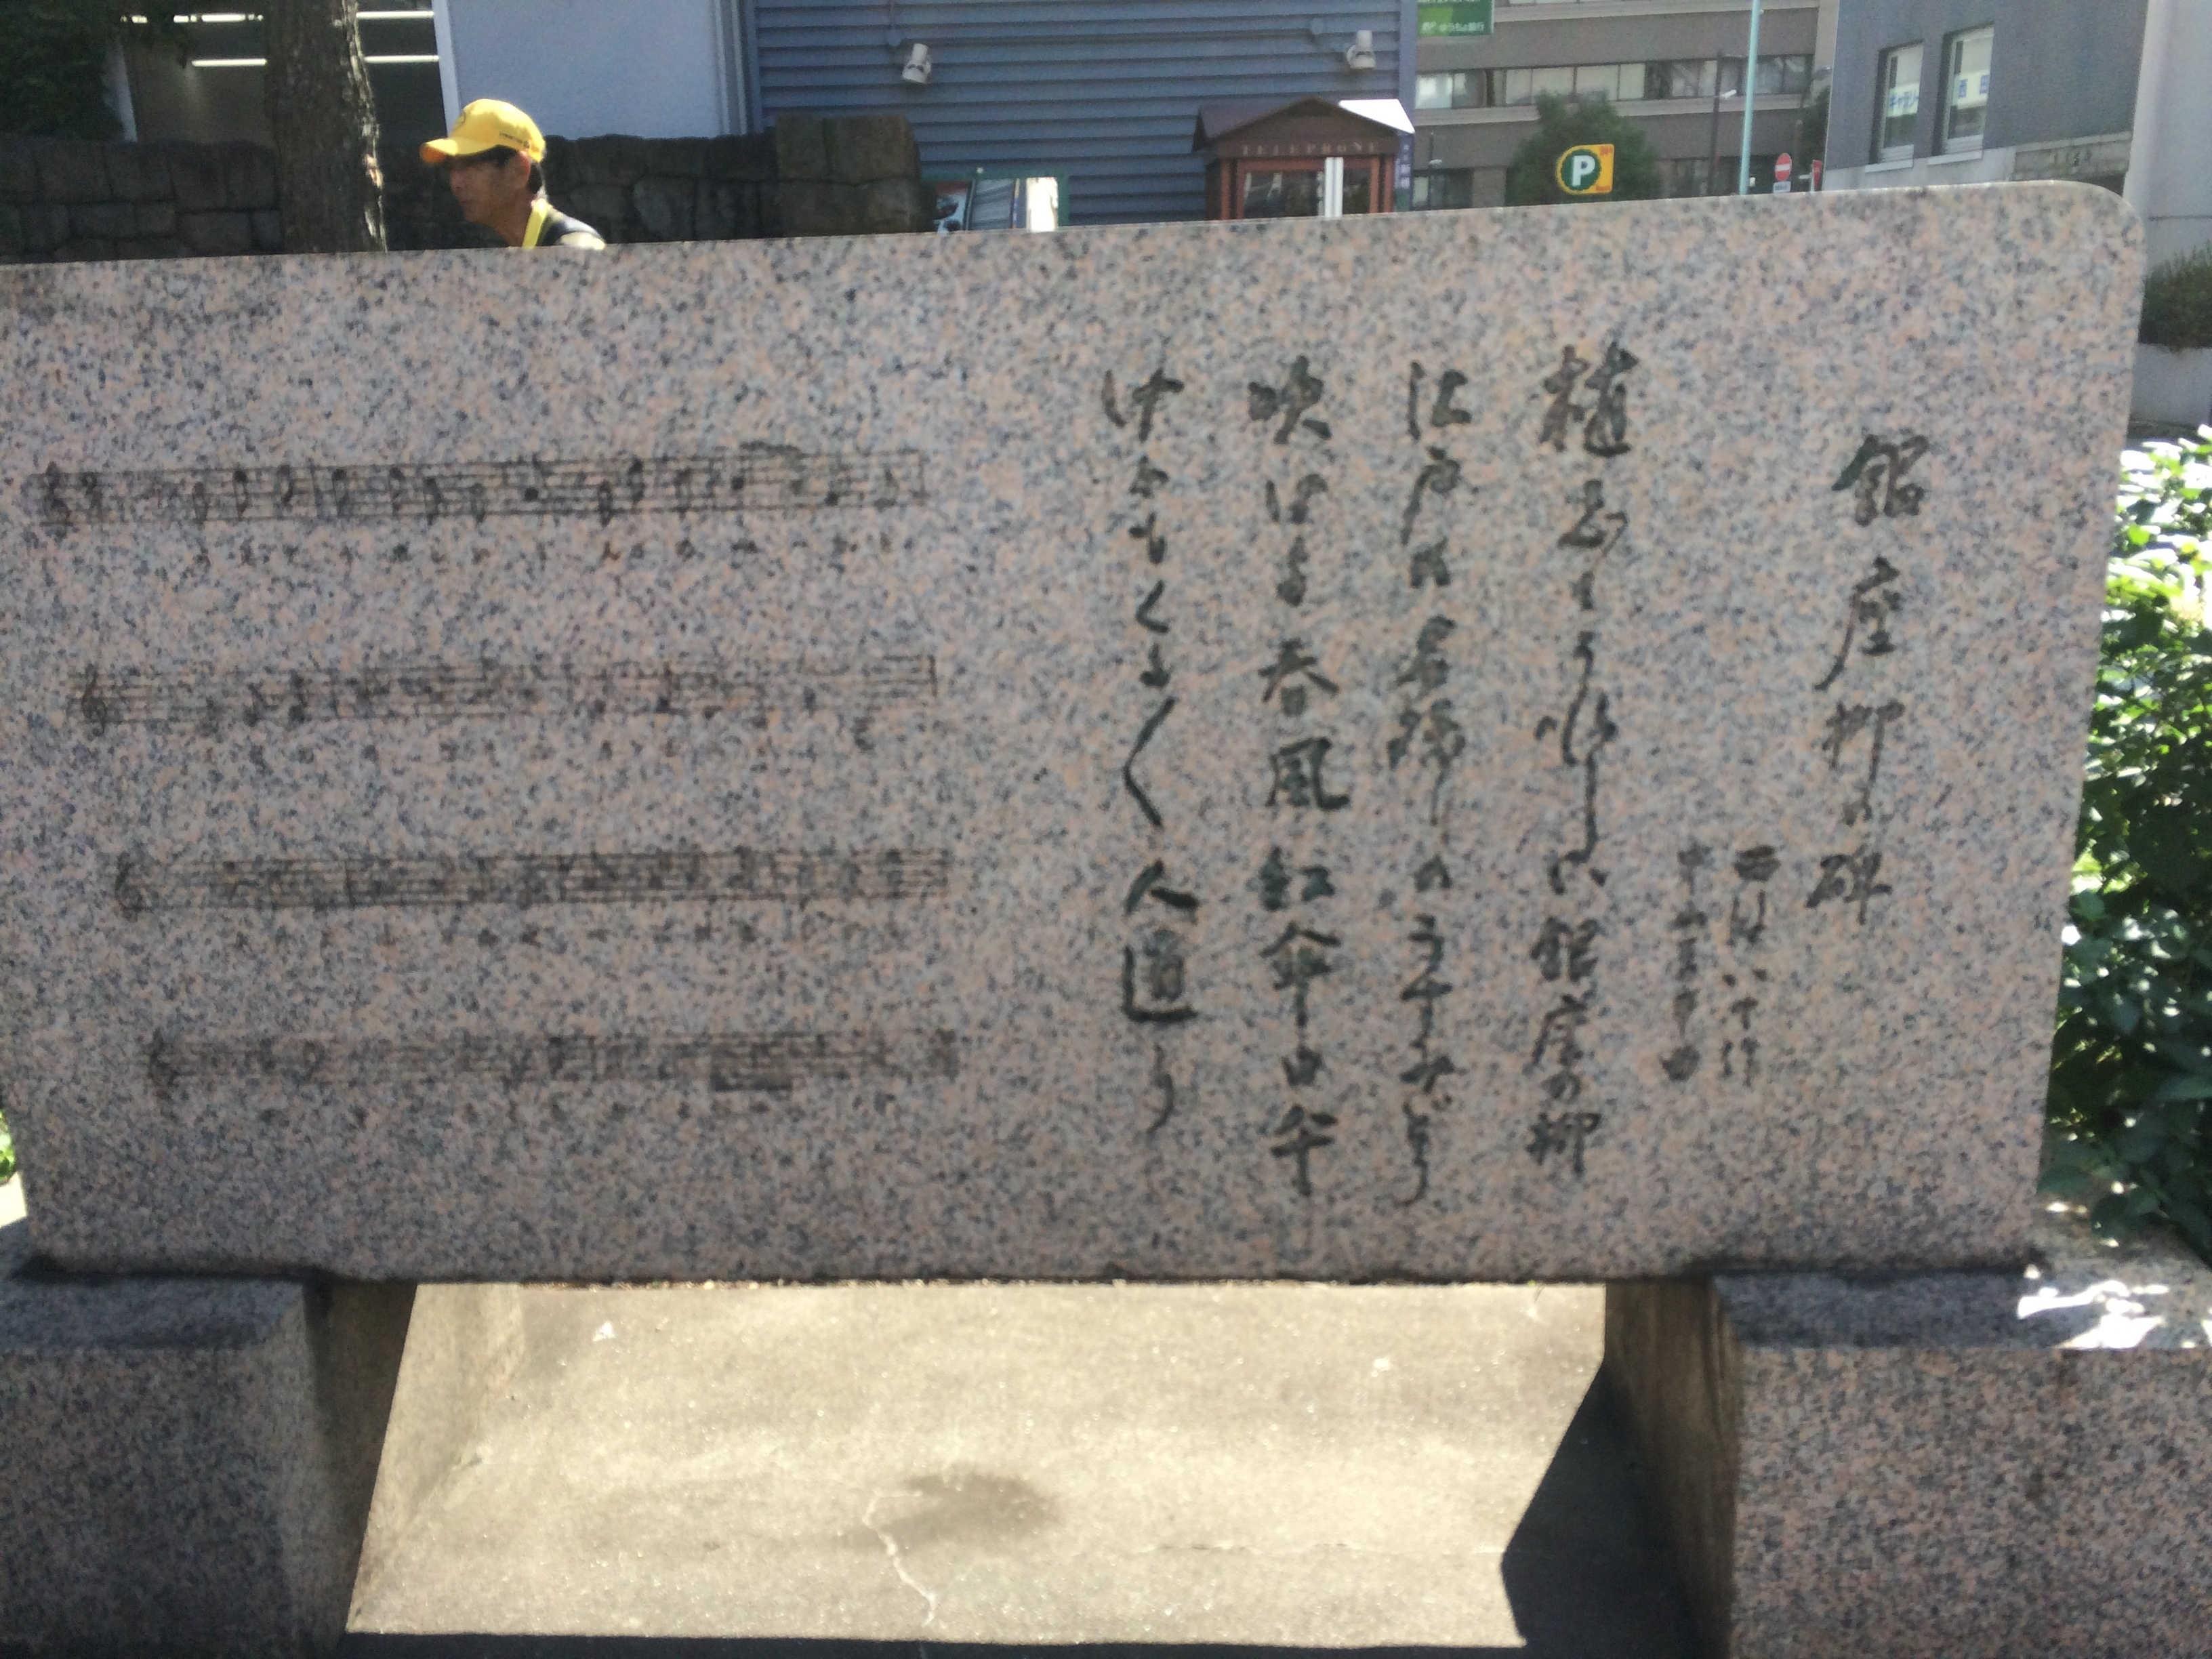 銀座柳の碑